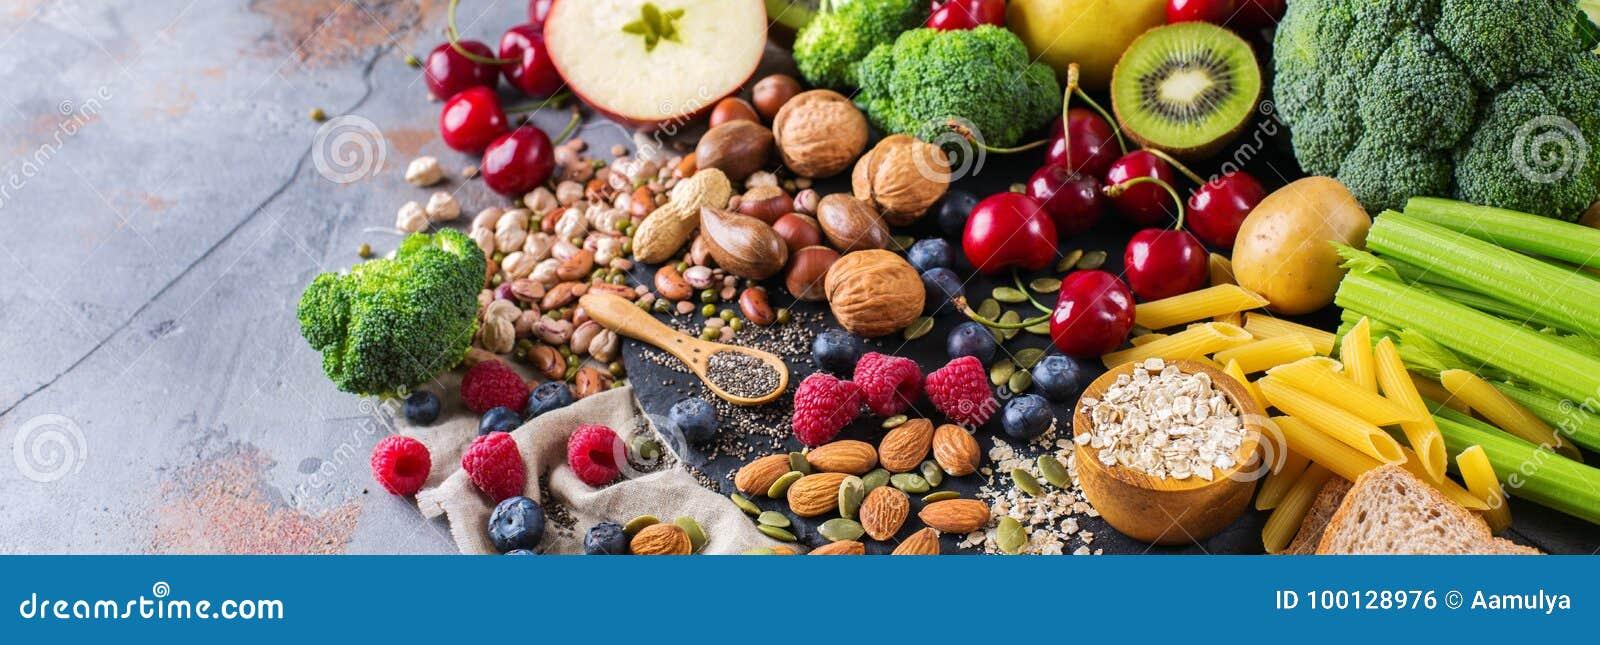 健康浓纤维来源素食主义者食物的选择烹调的